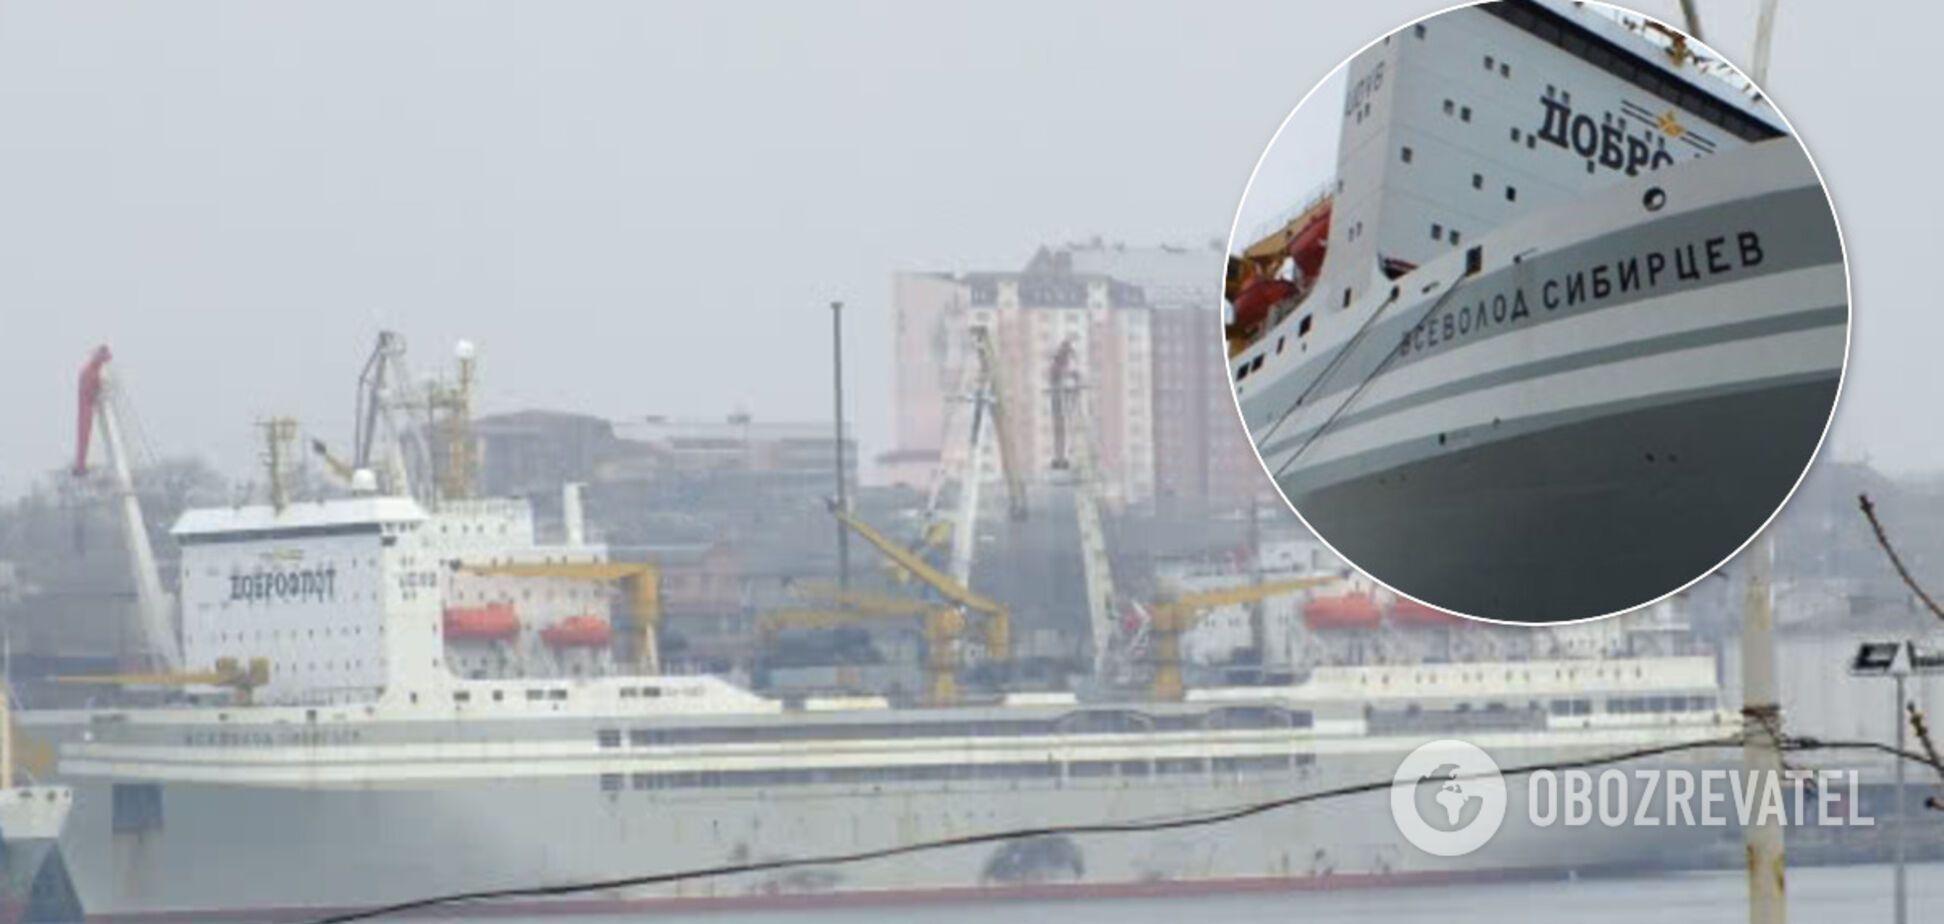 У Росії на найбільшій плавбазі трапився вибух і пожежа: є жертви. Фото